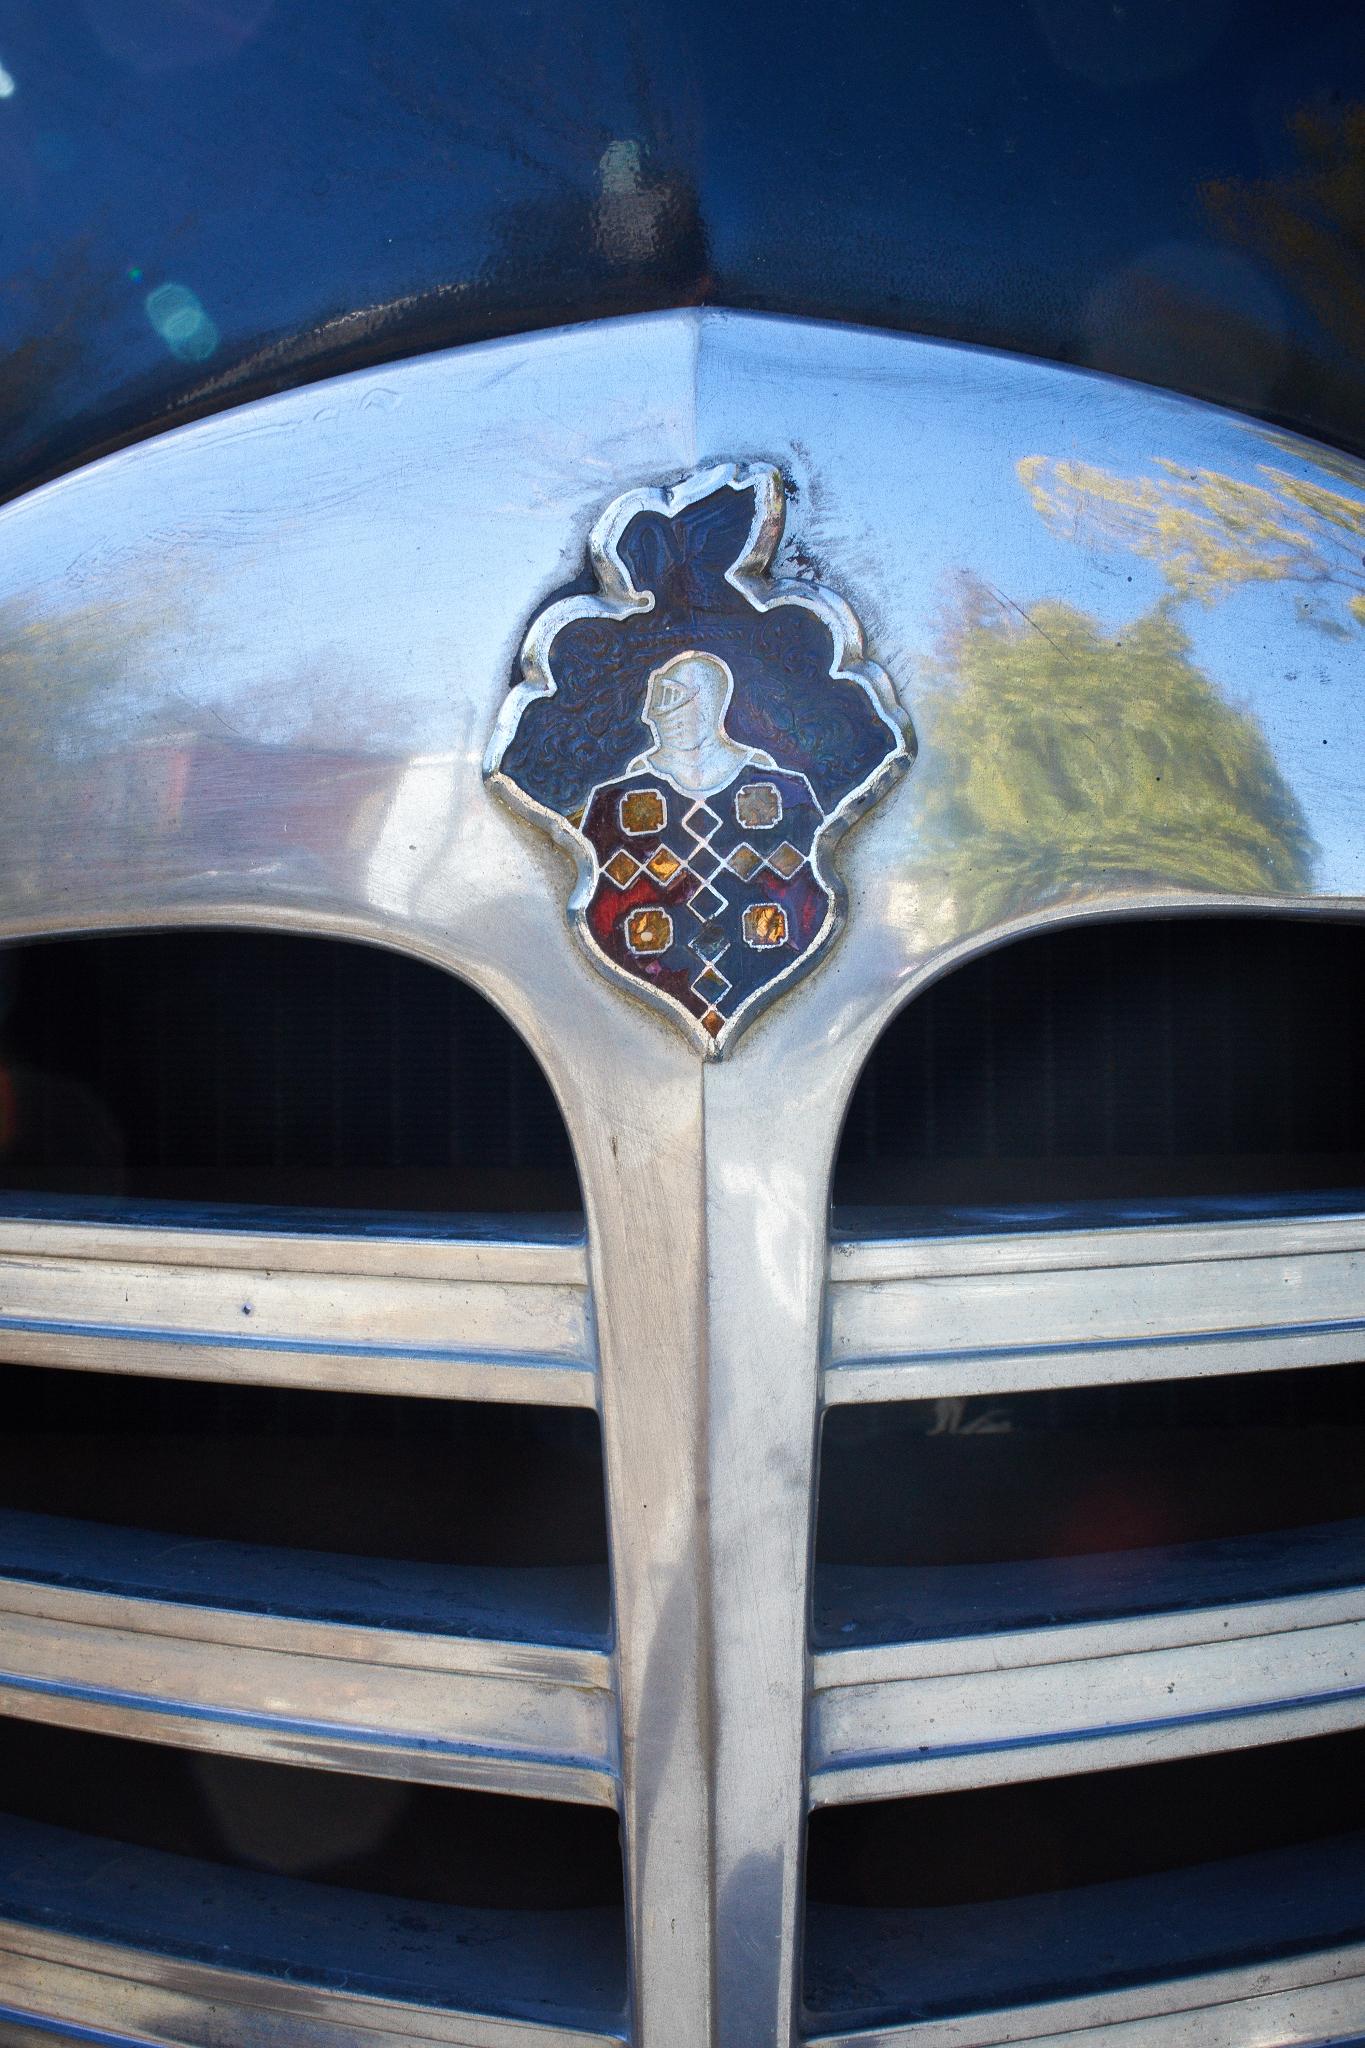 Packard Crest by Peter Adams.